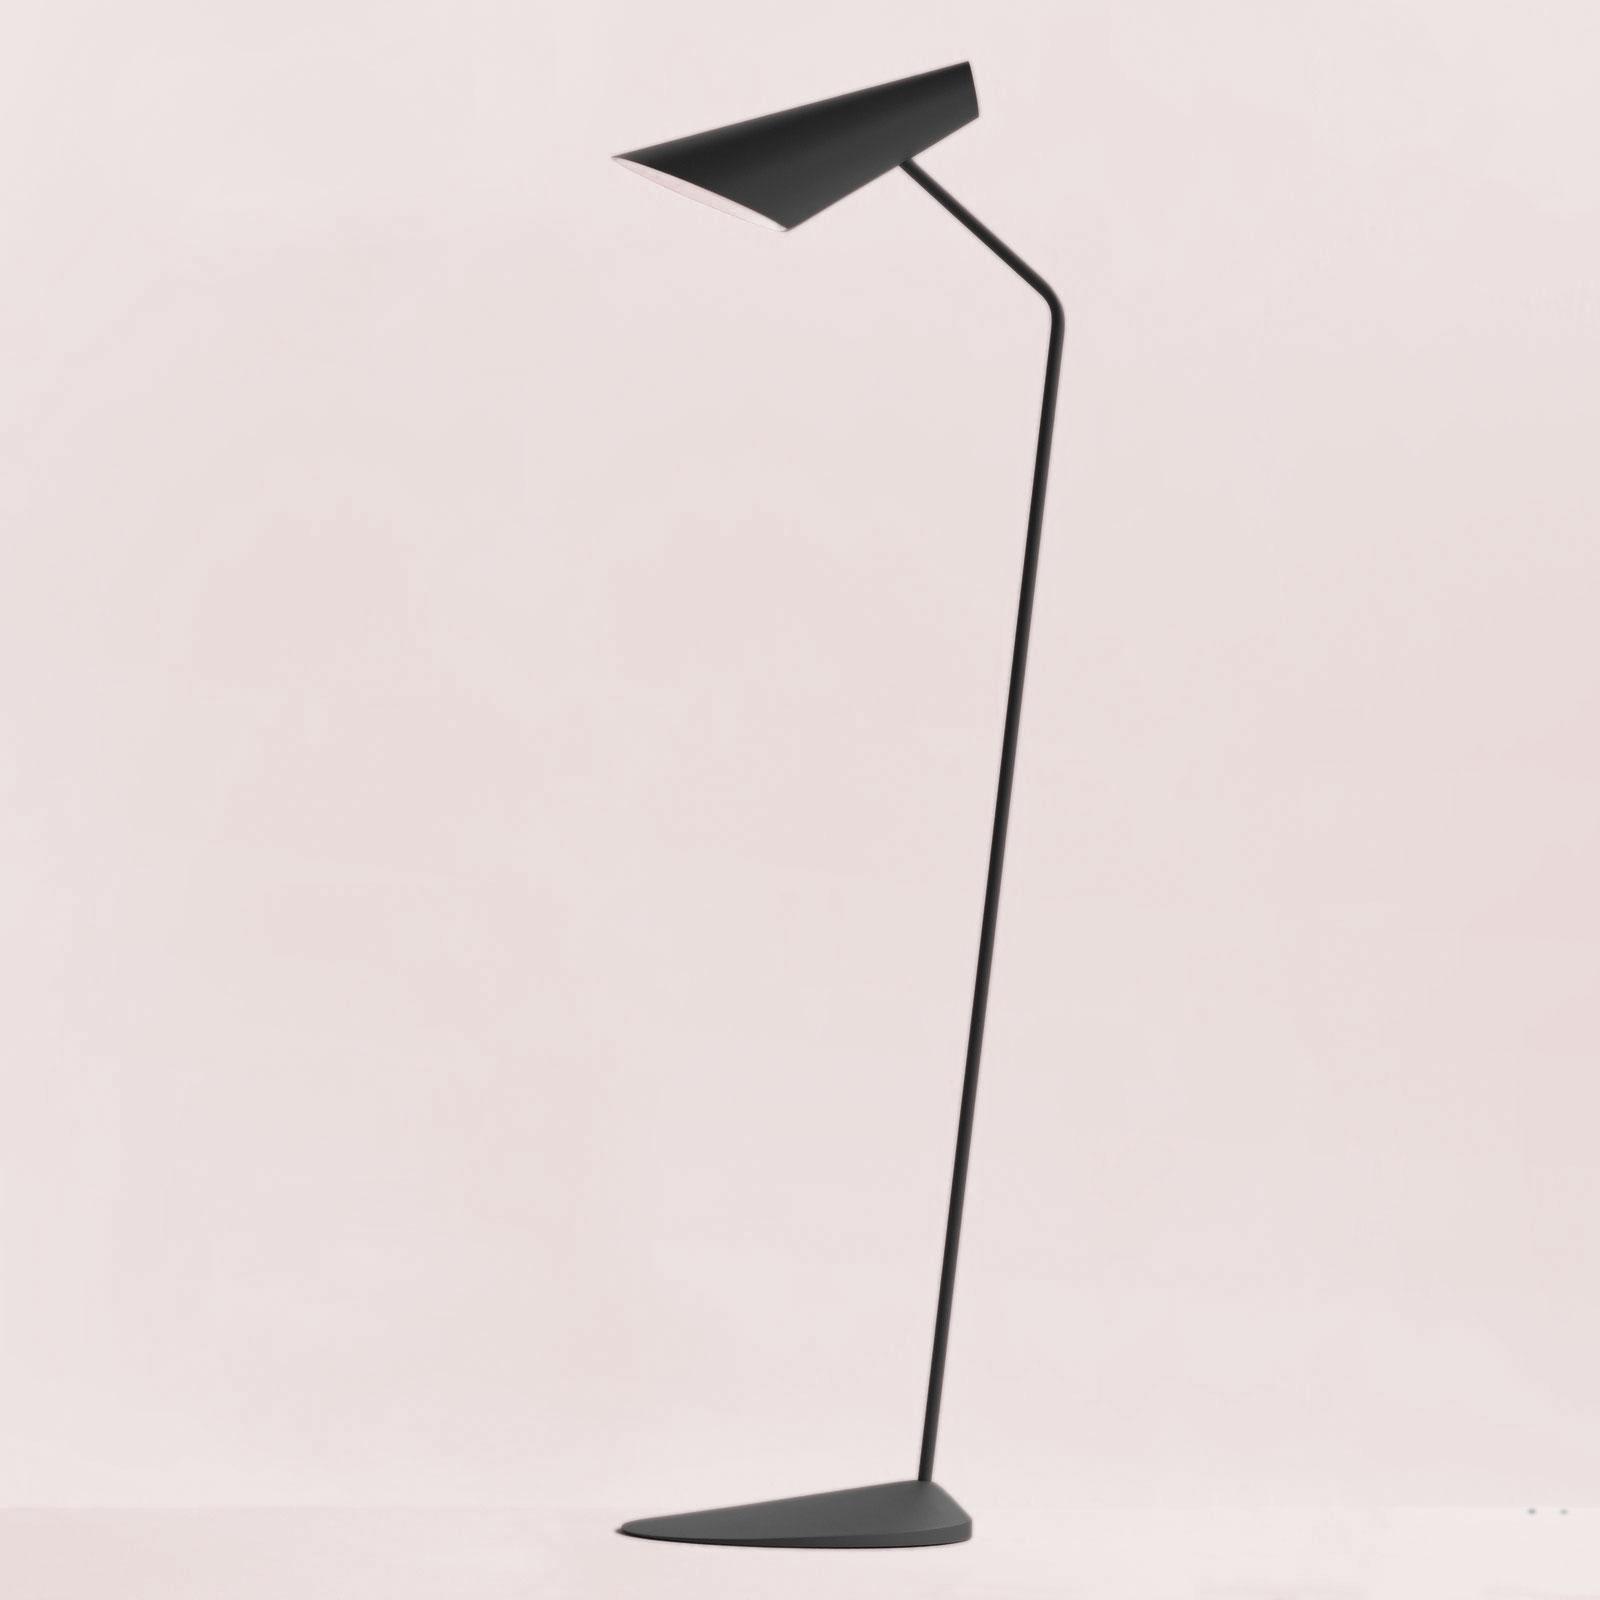 Billede af Vibia I.Cono 0712 designer-gulvlampe, grå